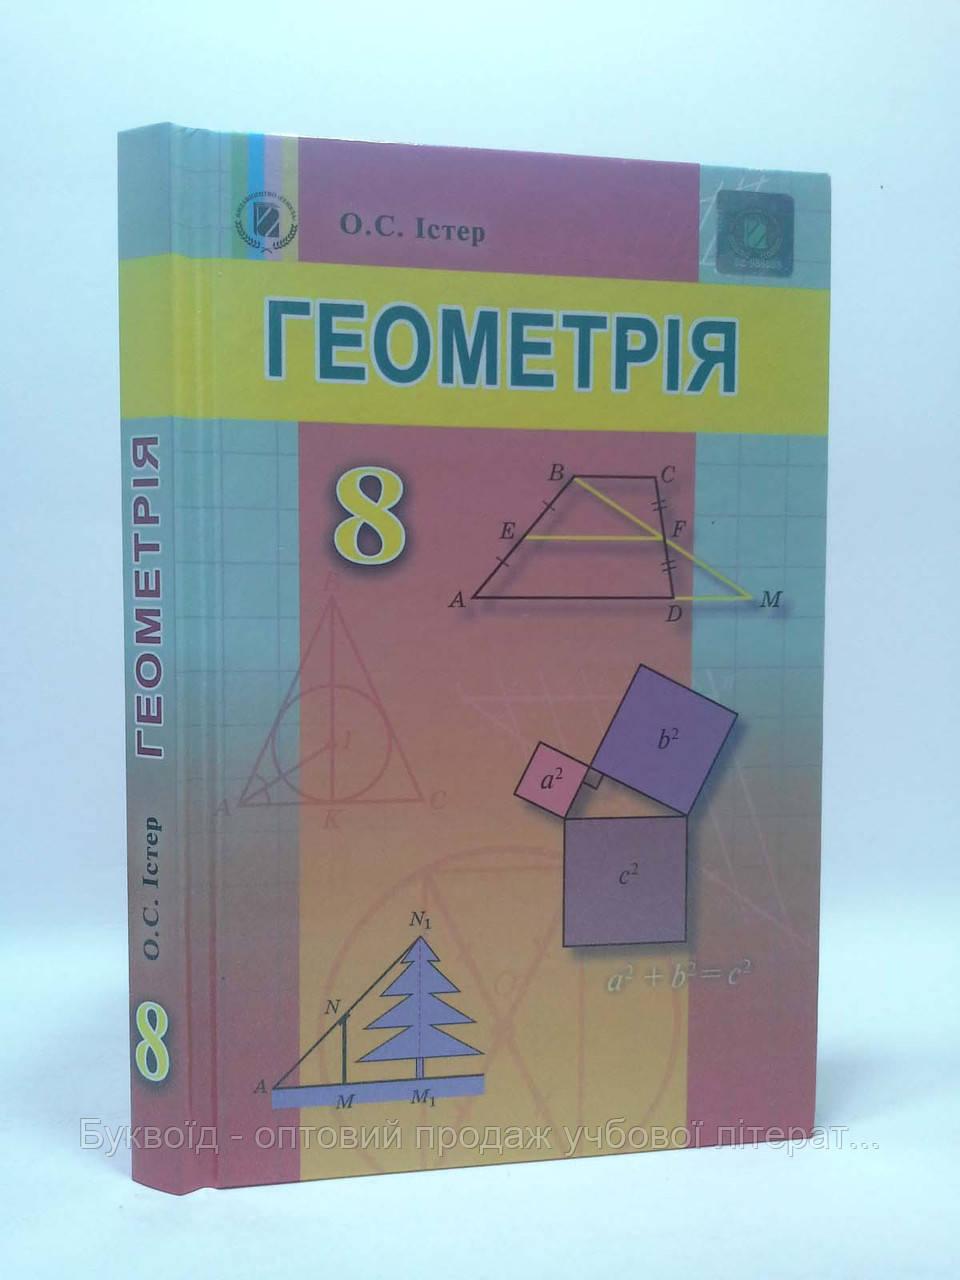 Геометрія 8 клас Підручник Істер Генеза ISBN 978-966-11-0701-3